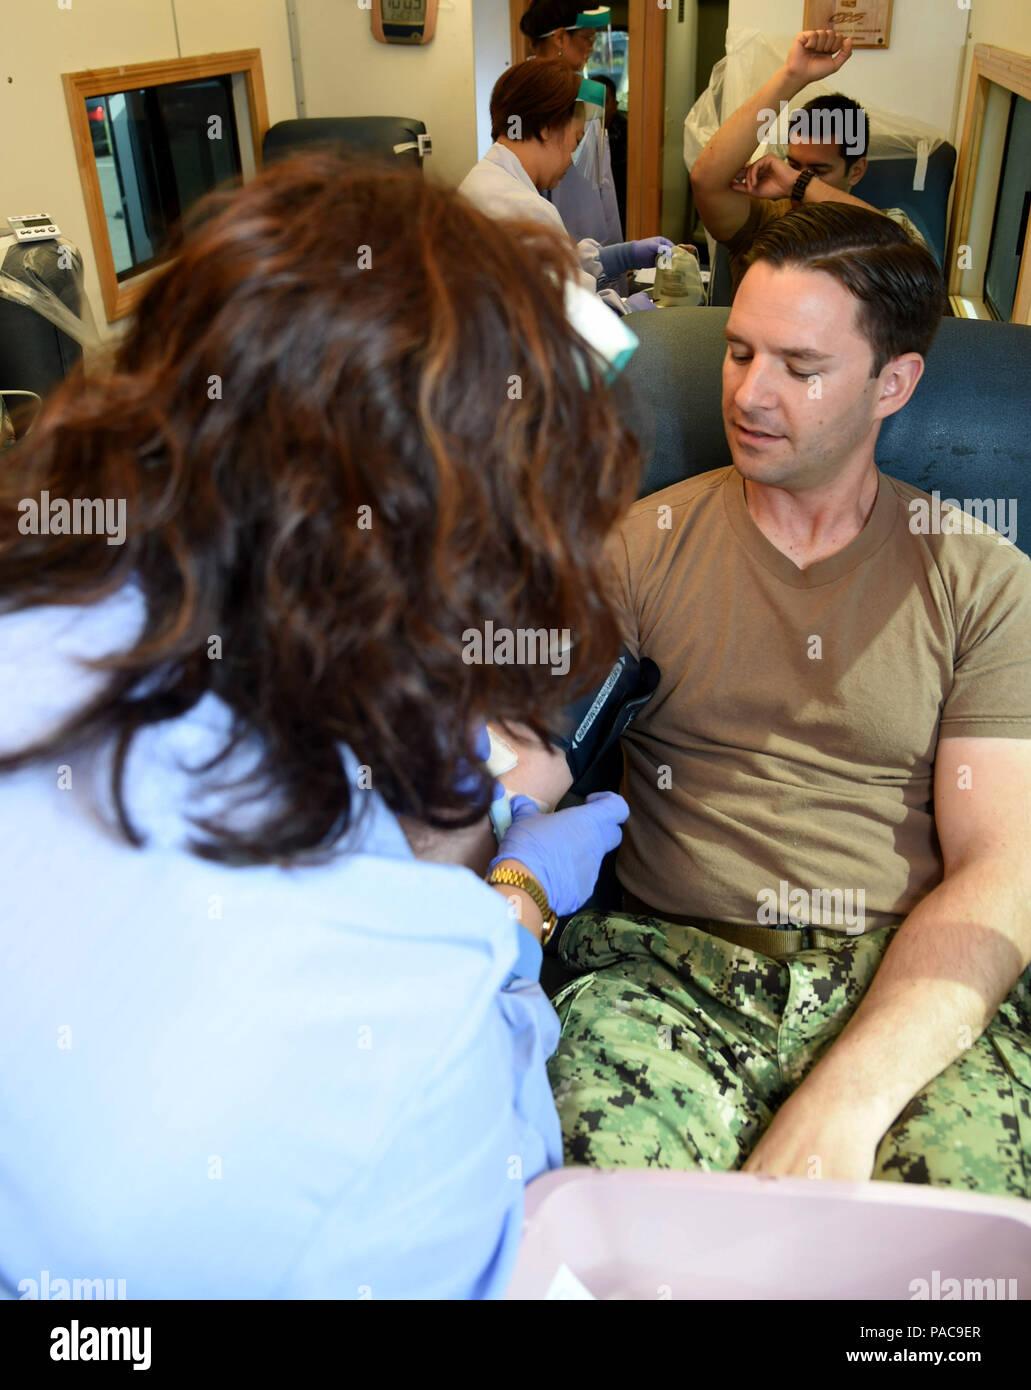 160310-N-AV746-063 CORONADO, Californie, (10 mars 2016), spécialiste de la communication de masse 1re classe Frank Andrews, attribué à le commandement des opérations spéciales de la marine, fait un don de sang pendant une collecte de sang organisée par NMCSD sur Naval Base Coronado. NMCSD travaille sur la sensibilisation sur la nécessité pour les dons de sang et relève le défi en mettant en place des collectes de sang à la Marine et du Corps des installations partout dans San Diego. (U.S. Photo par marine Spécialiste de la communication de masse 2e classe Timothy M. Black/libéré) Photo Stock